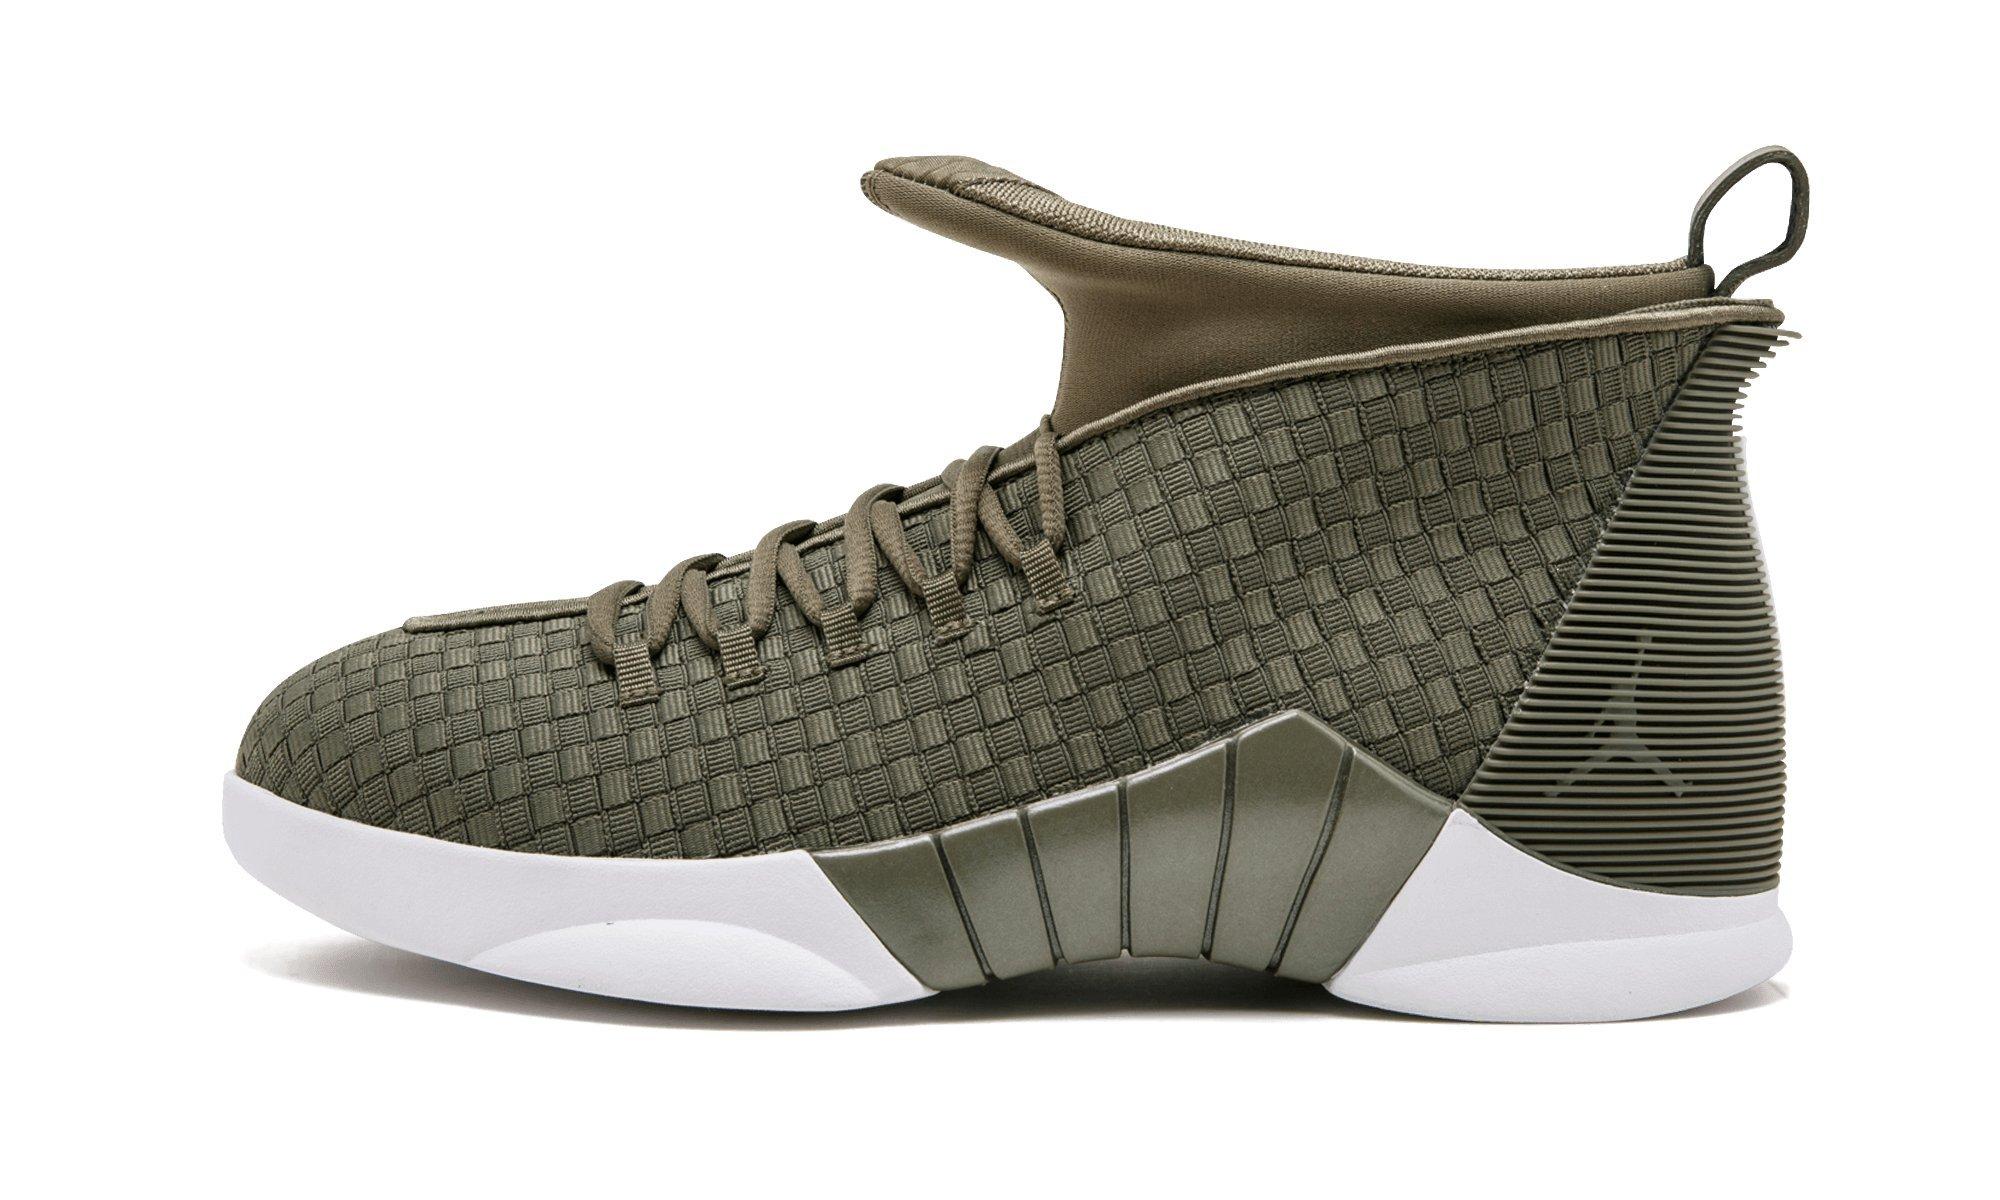 d910b849c9b962 Jordan 15 Size 10.5 Top Deals   Lowest Price